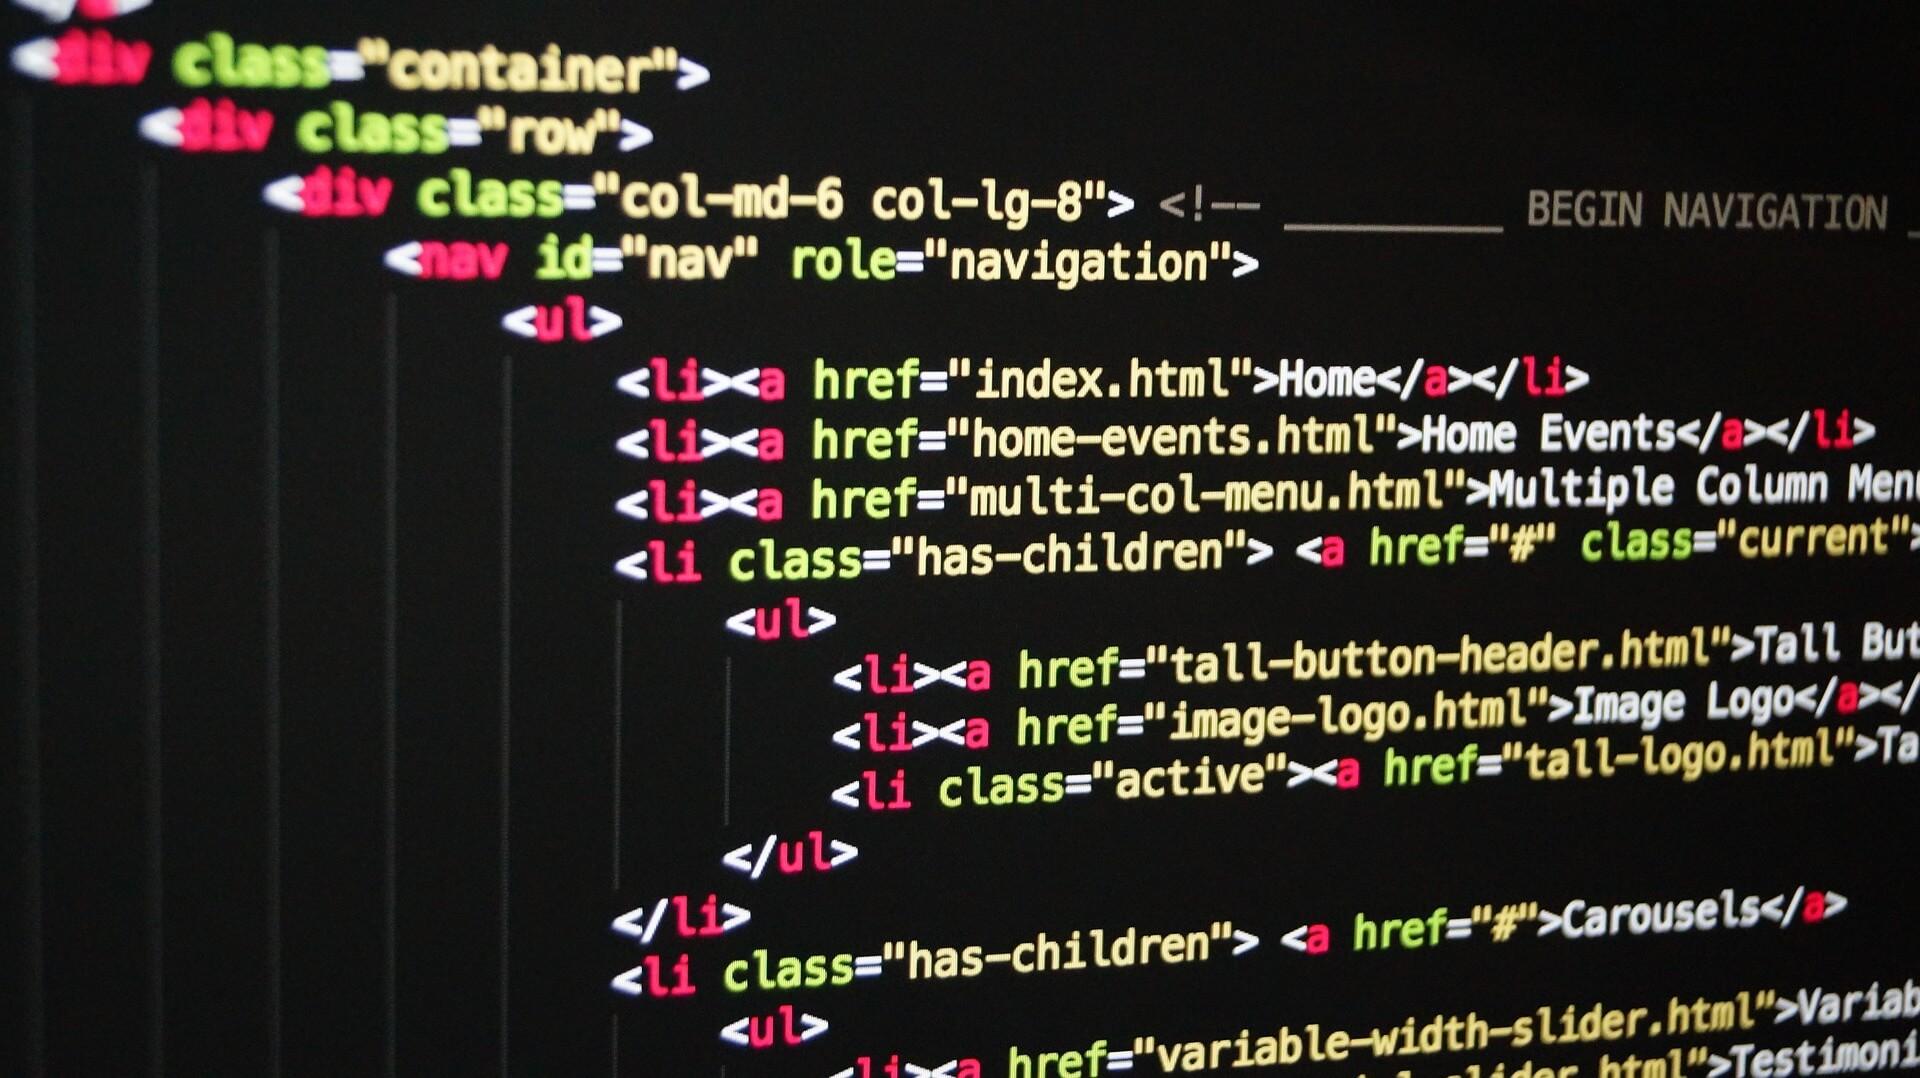 دوره اول آموزش کد نویسی طراحی سایت برای علاقمندان به کسب درآمد